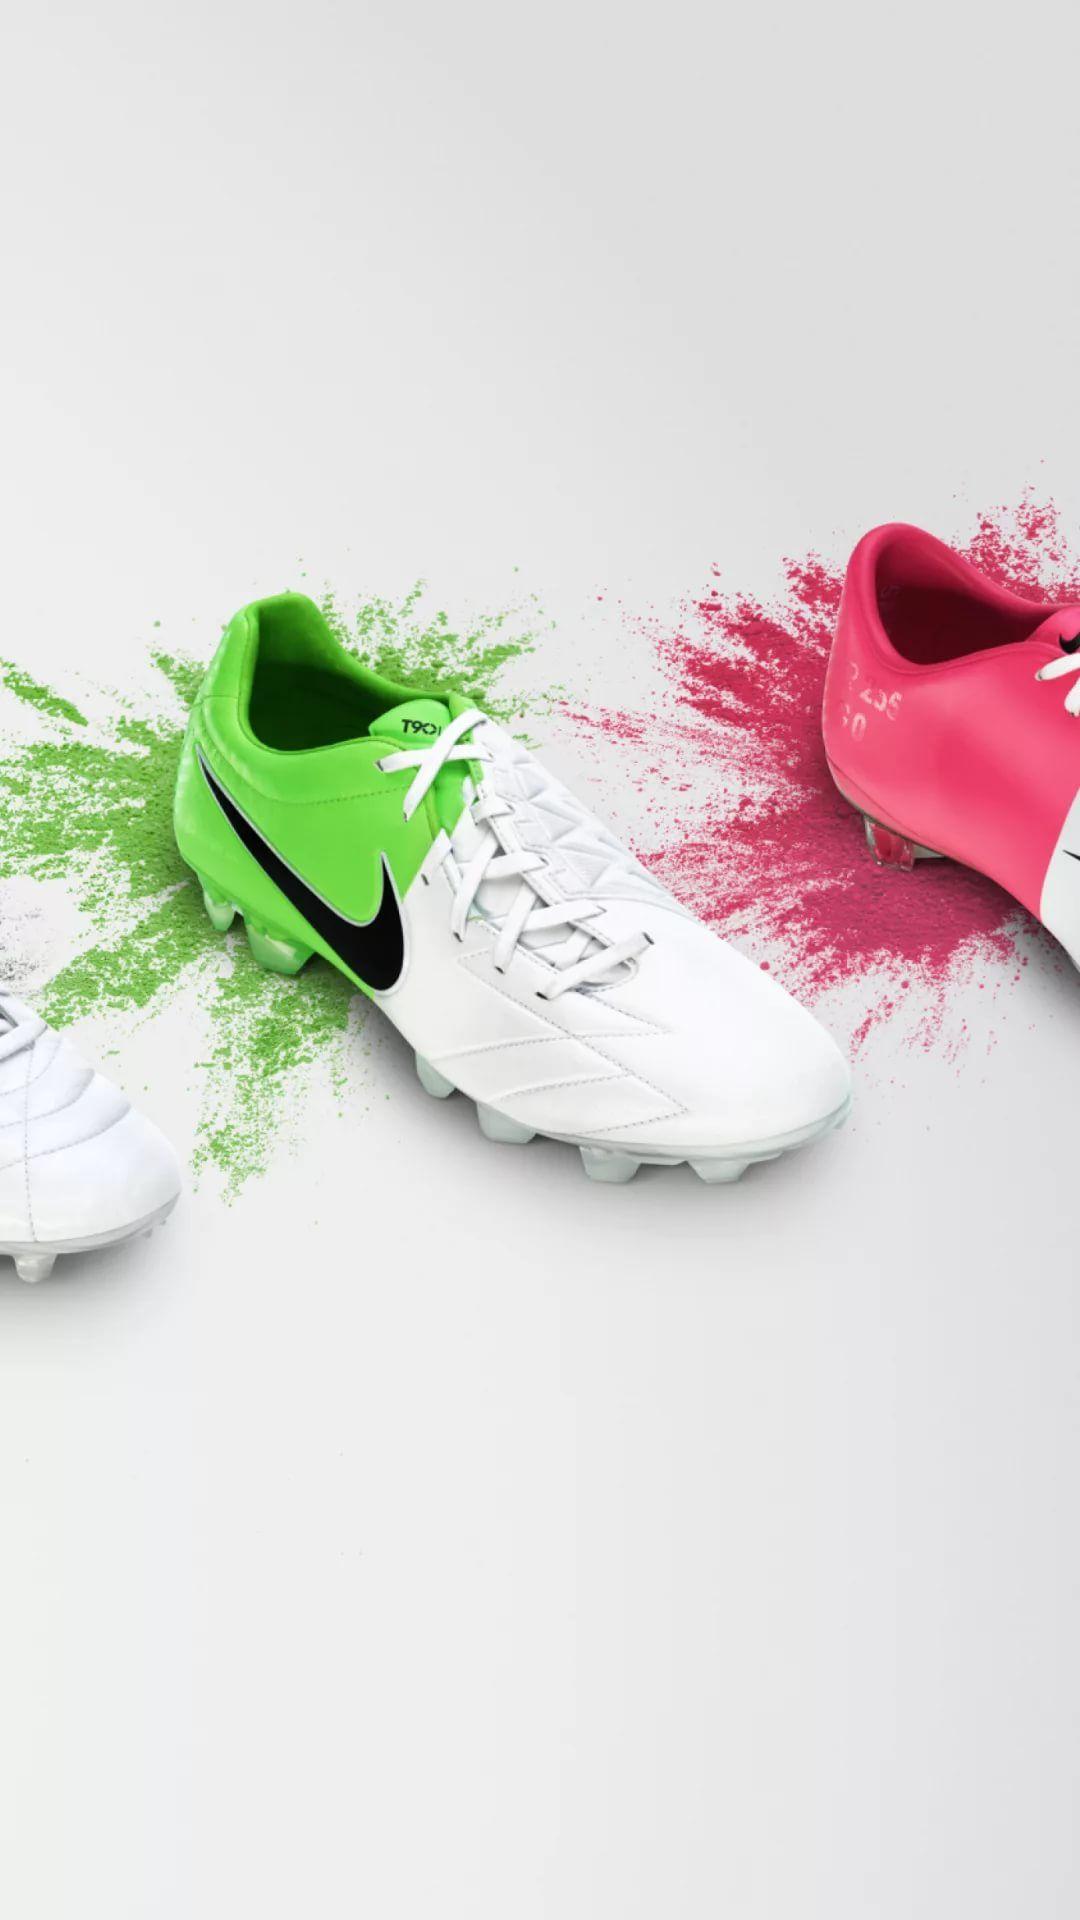 Nike iPhone 6 wallpaper